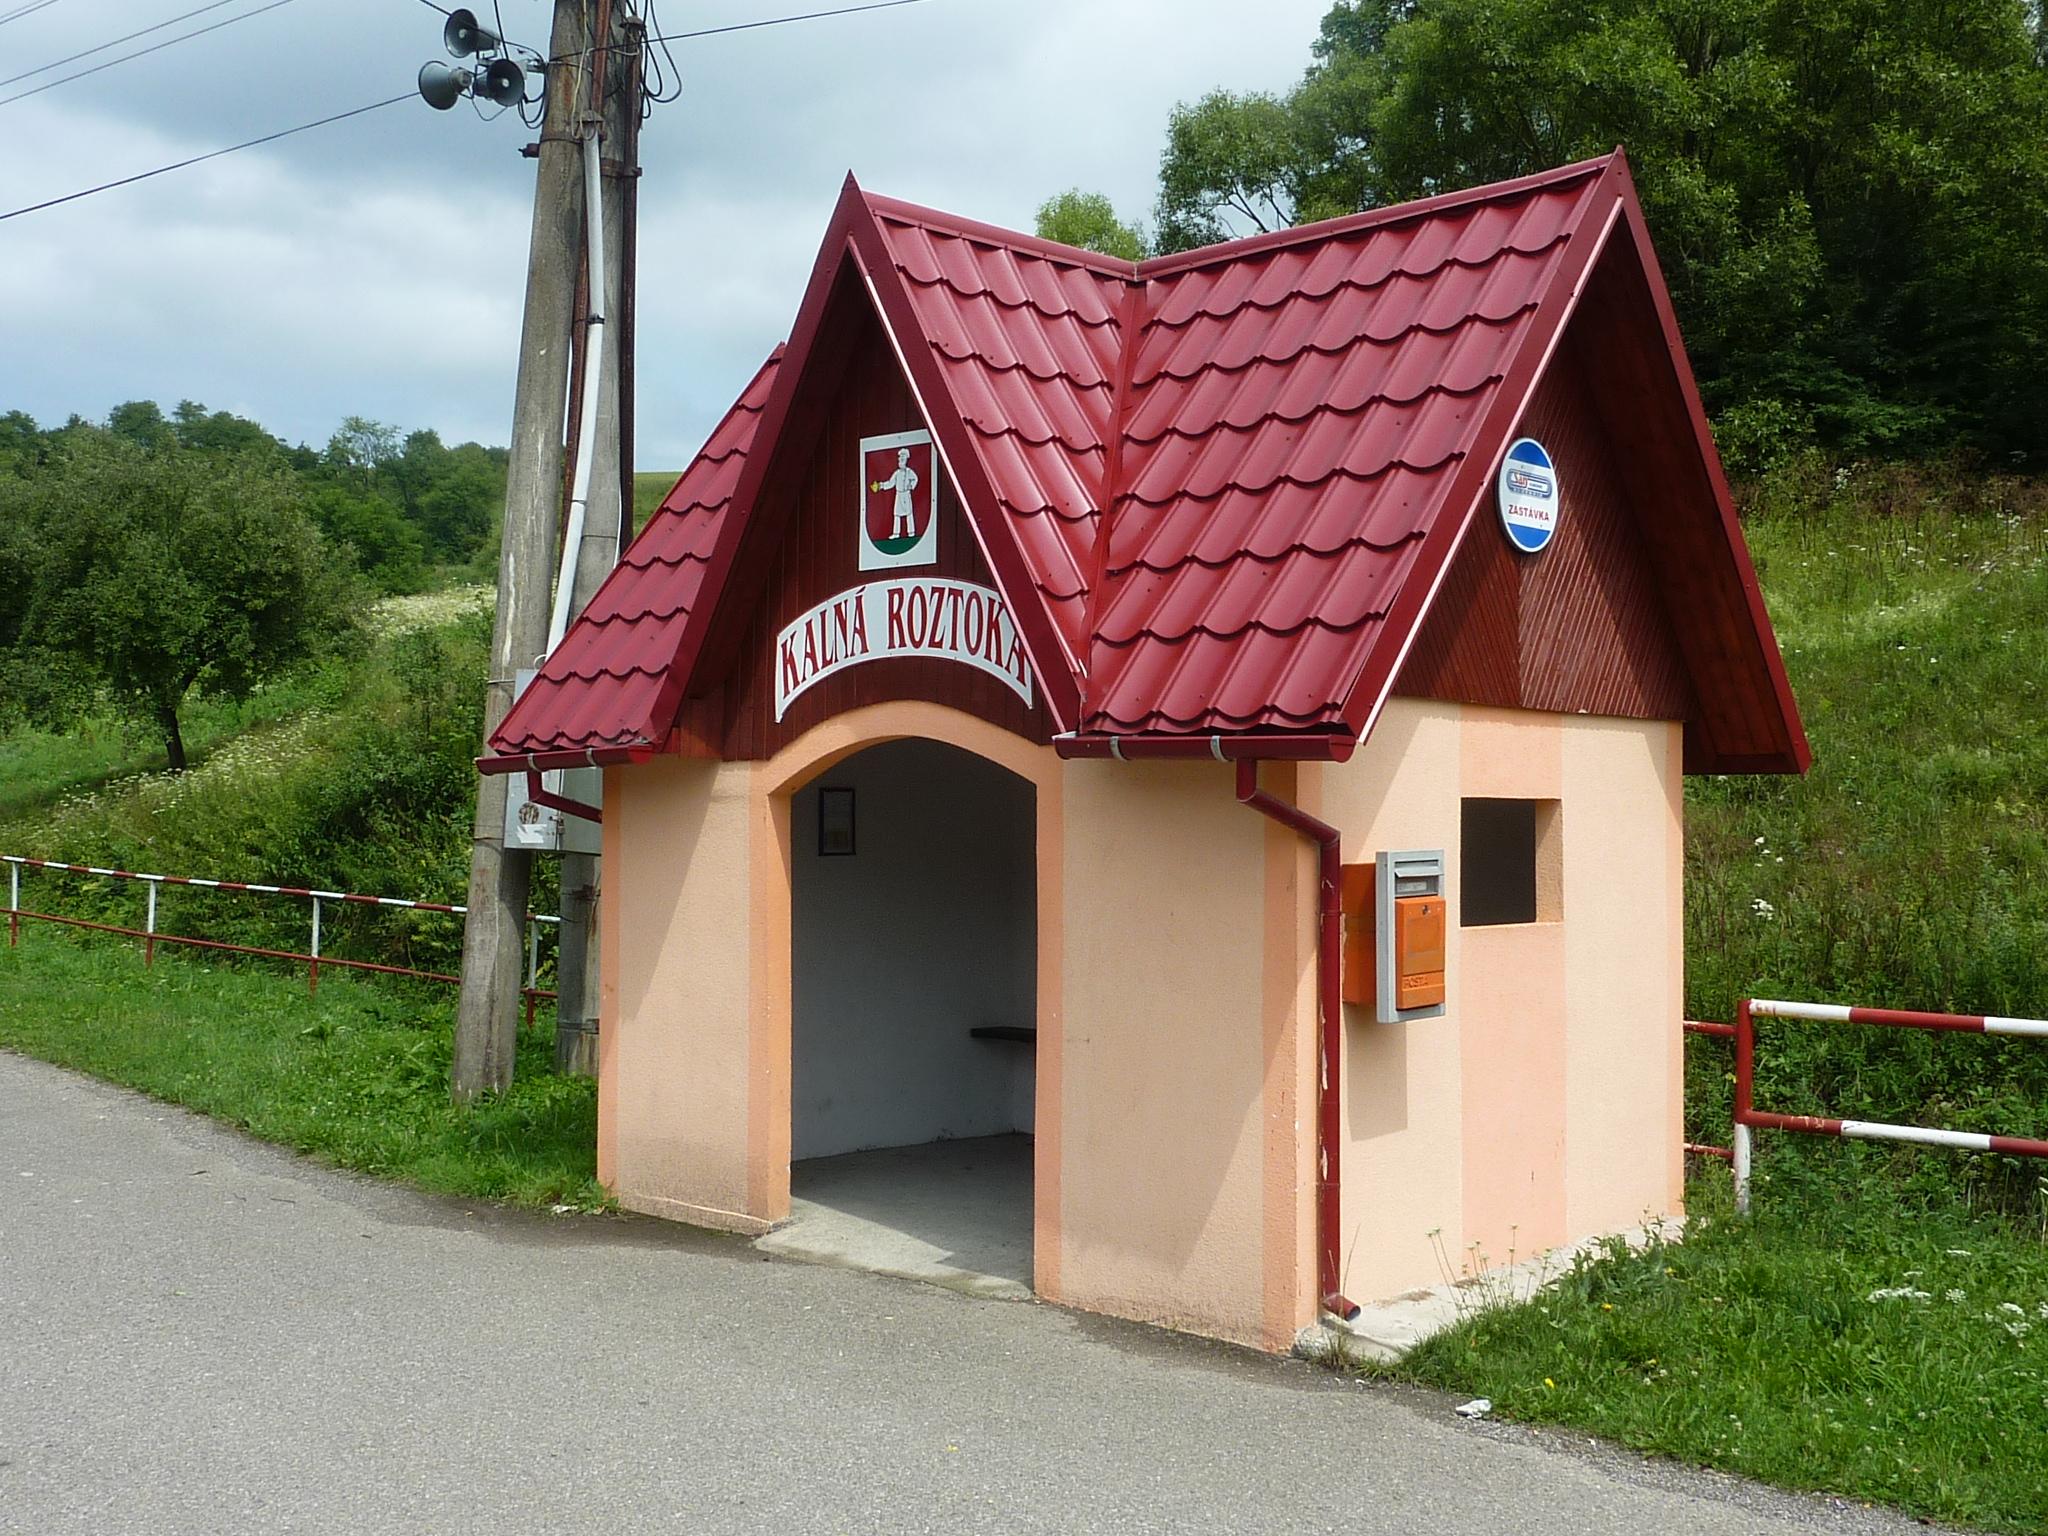 Slovensko, Kalná Ráztoka, 16.7.2011